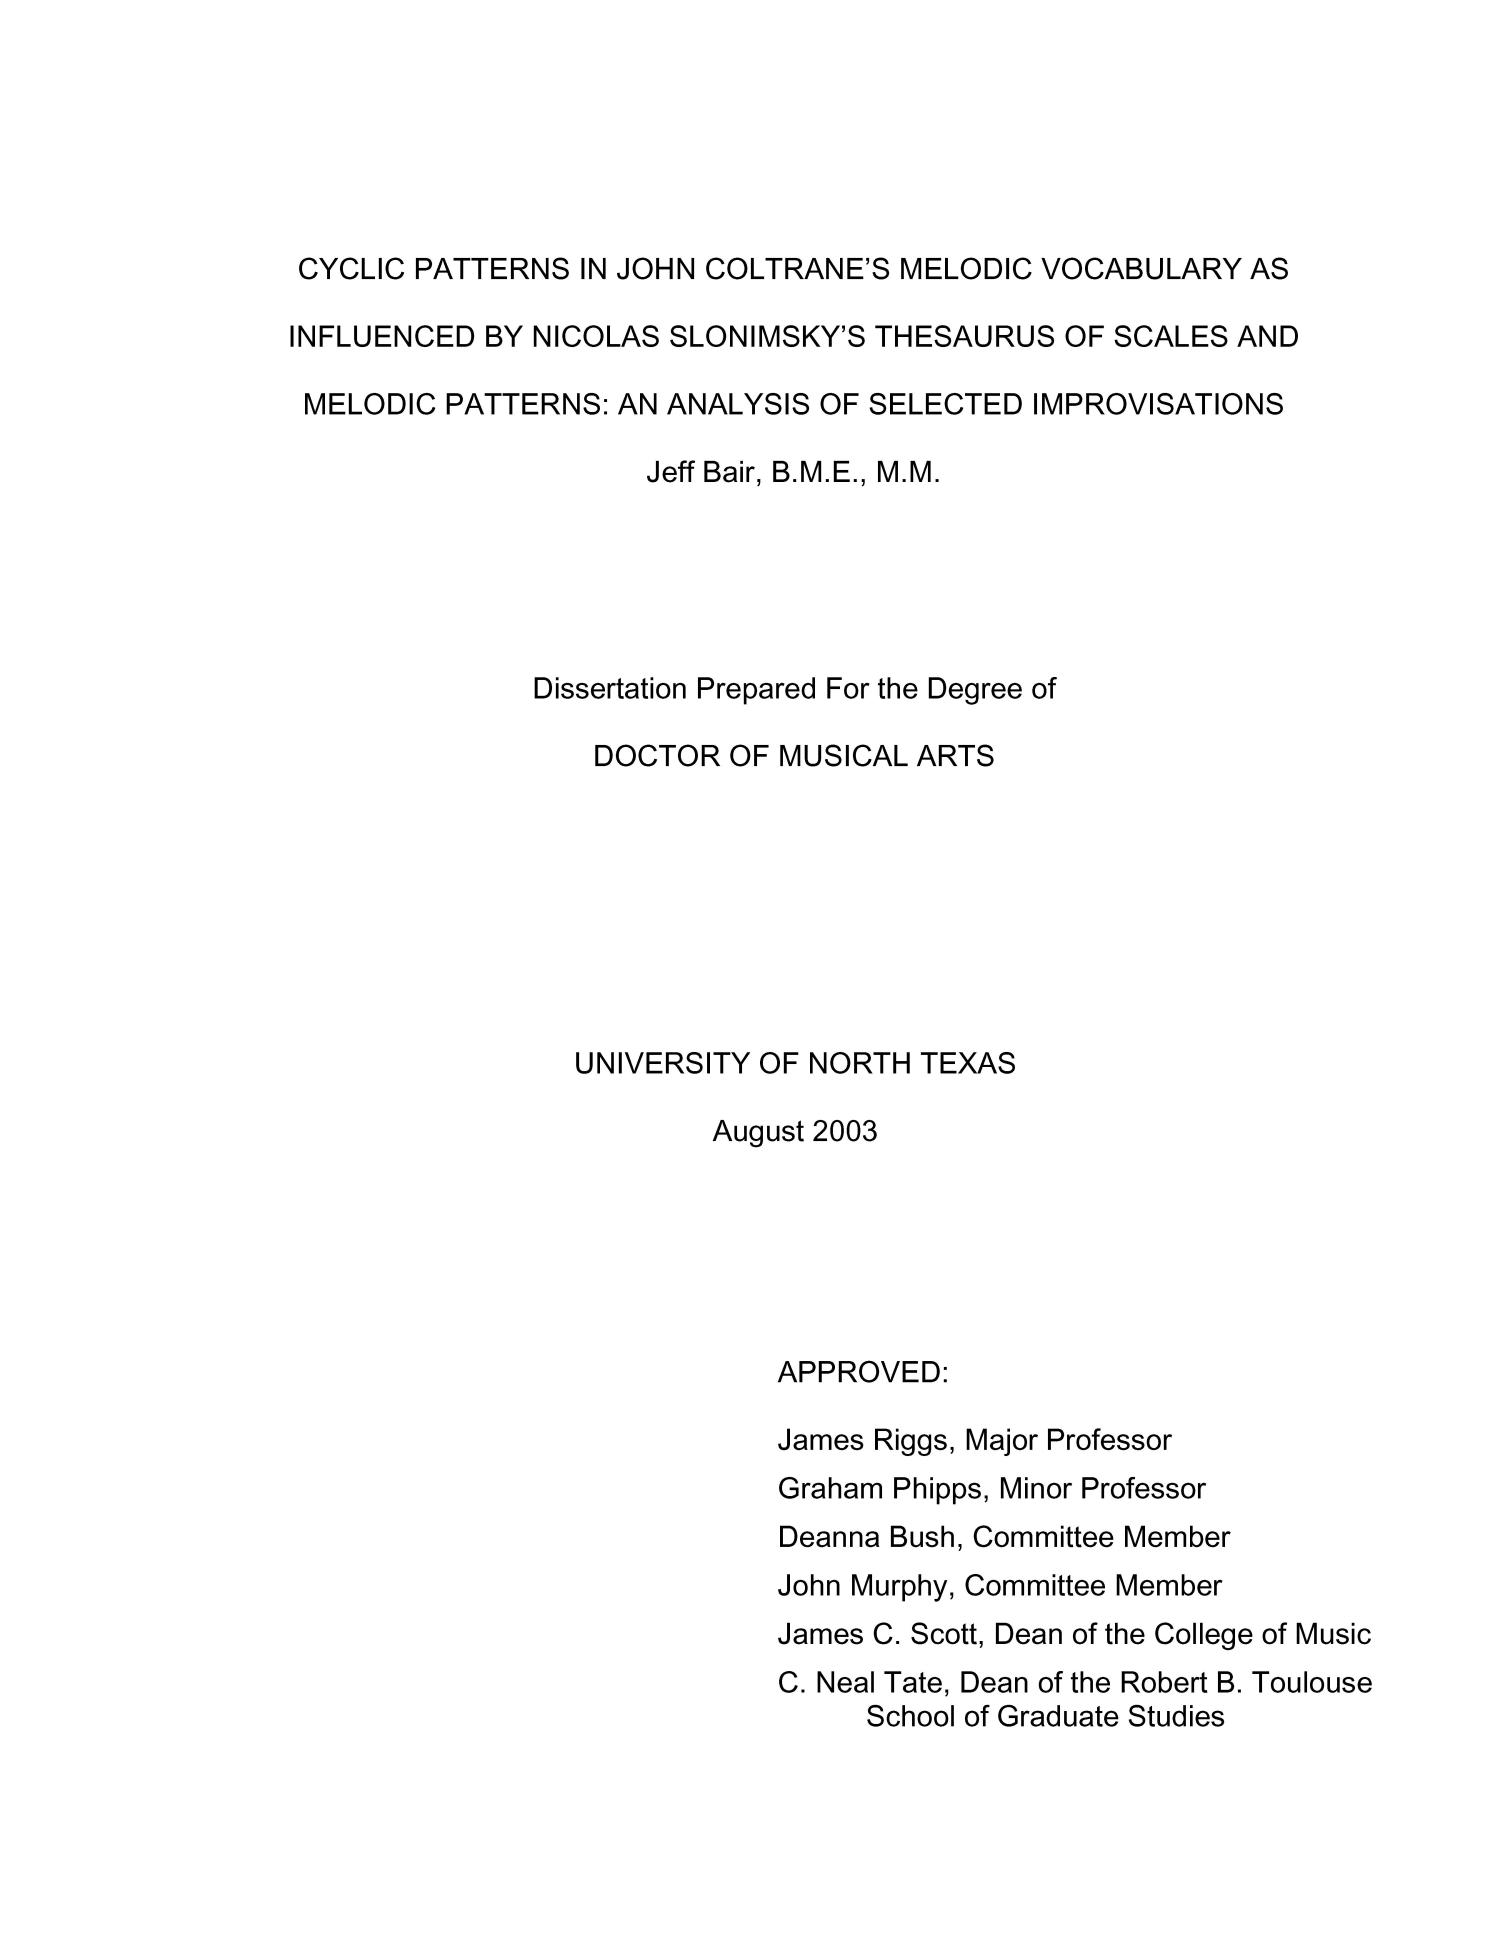 essay submissions - Teilkostenrechnung Beispiel